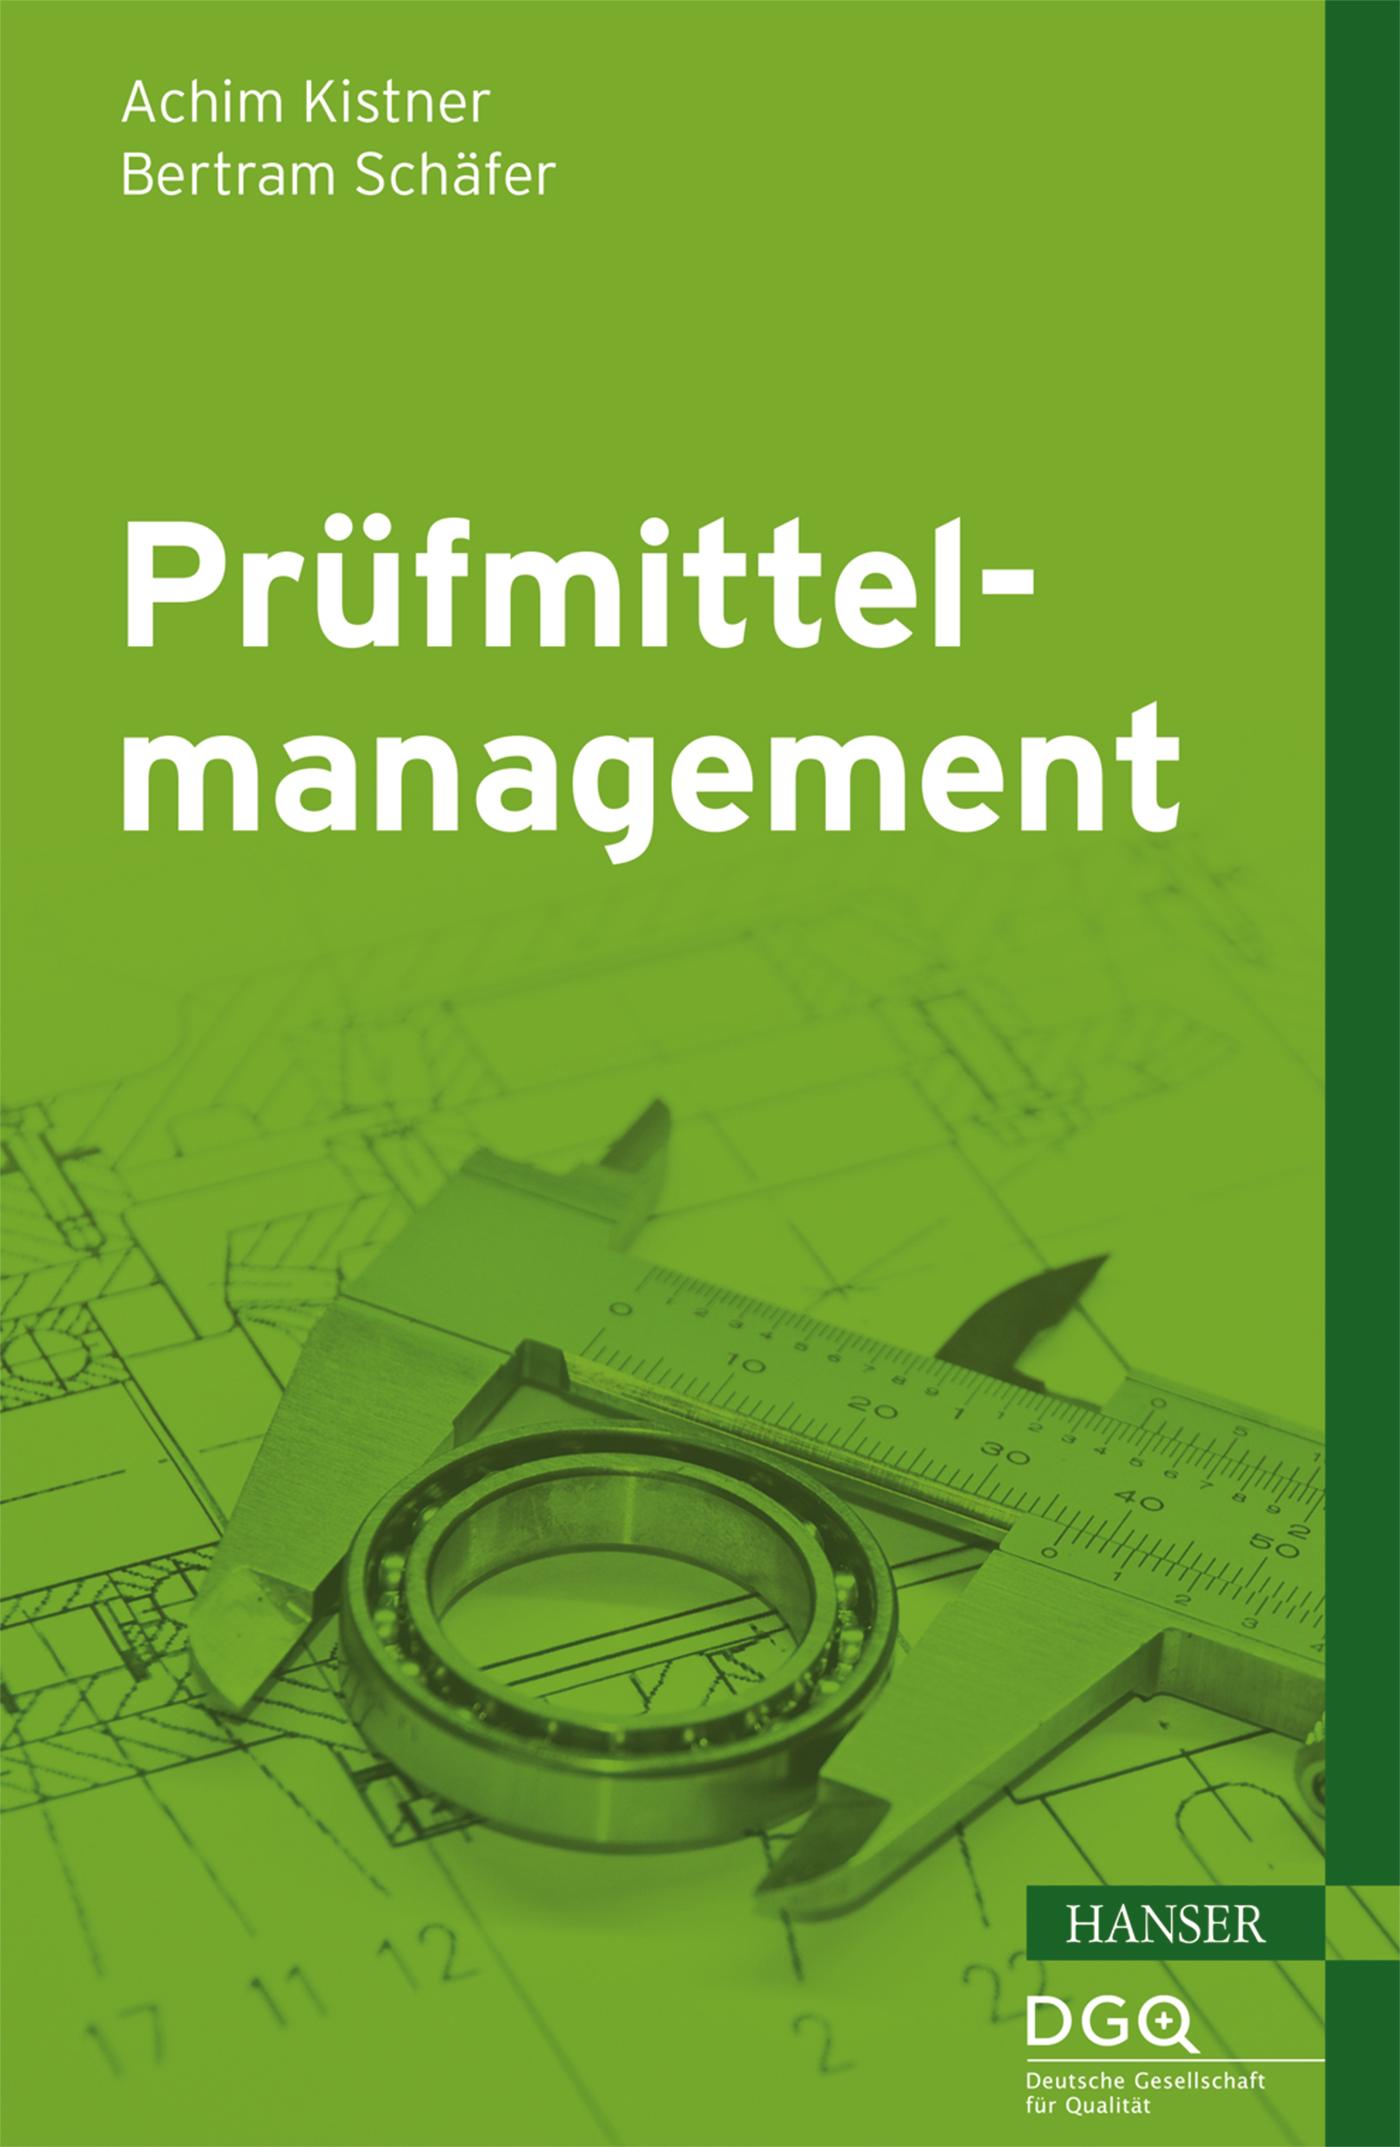 Kistner, Schäfer, Prüfmittelmanagement, 978-3-446-44264-1